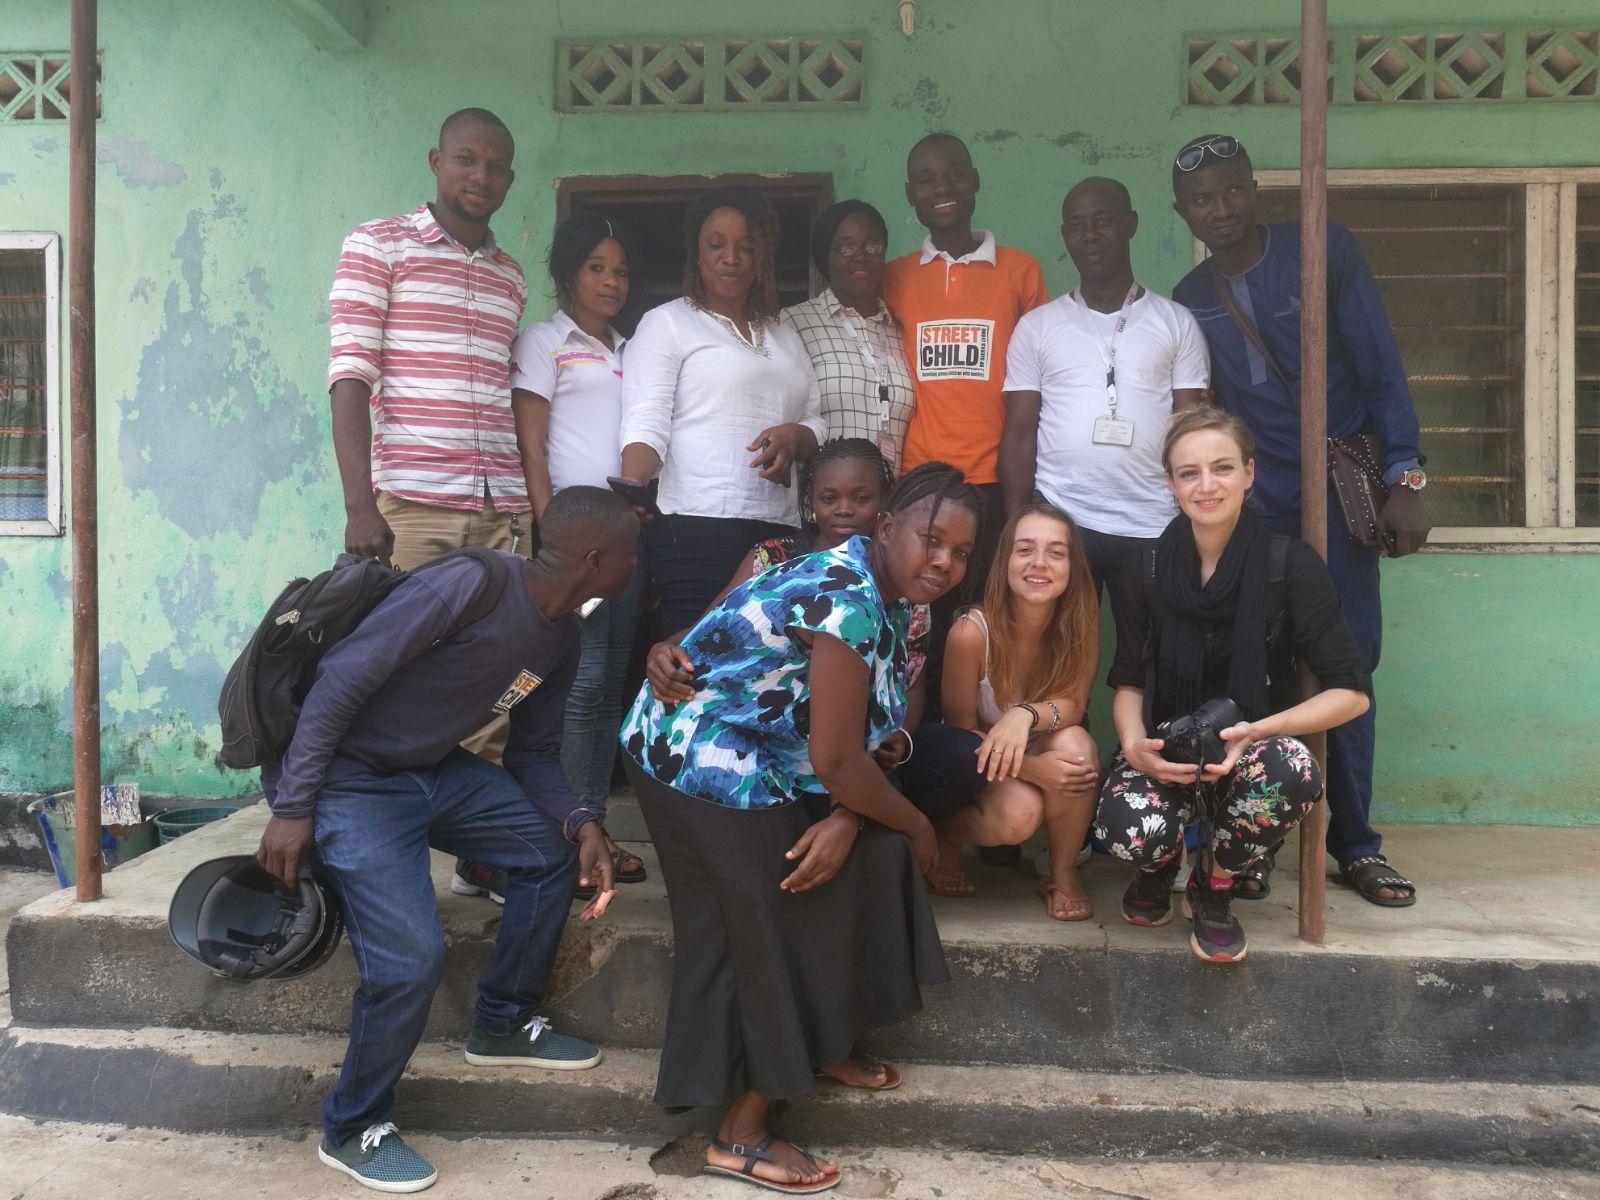 Vous pouvez voir Mavi accroupie à gauche de Marie - avec l'équipe de Street Child à Makeni, Sierra Leone.